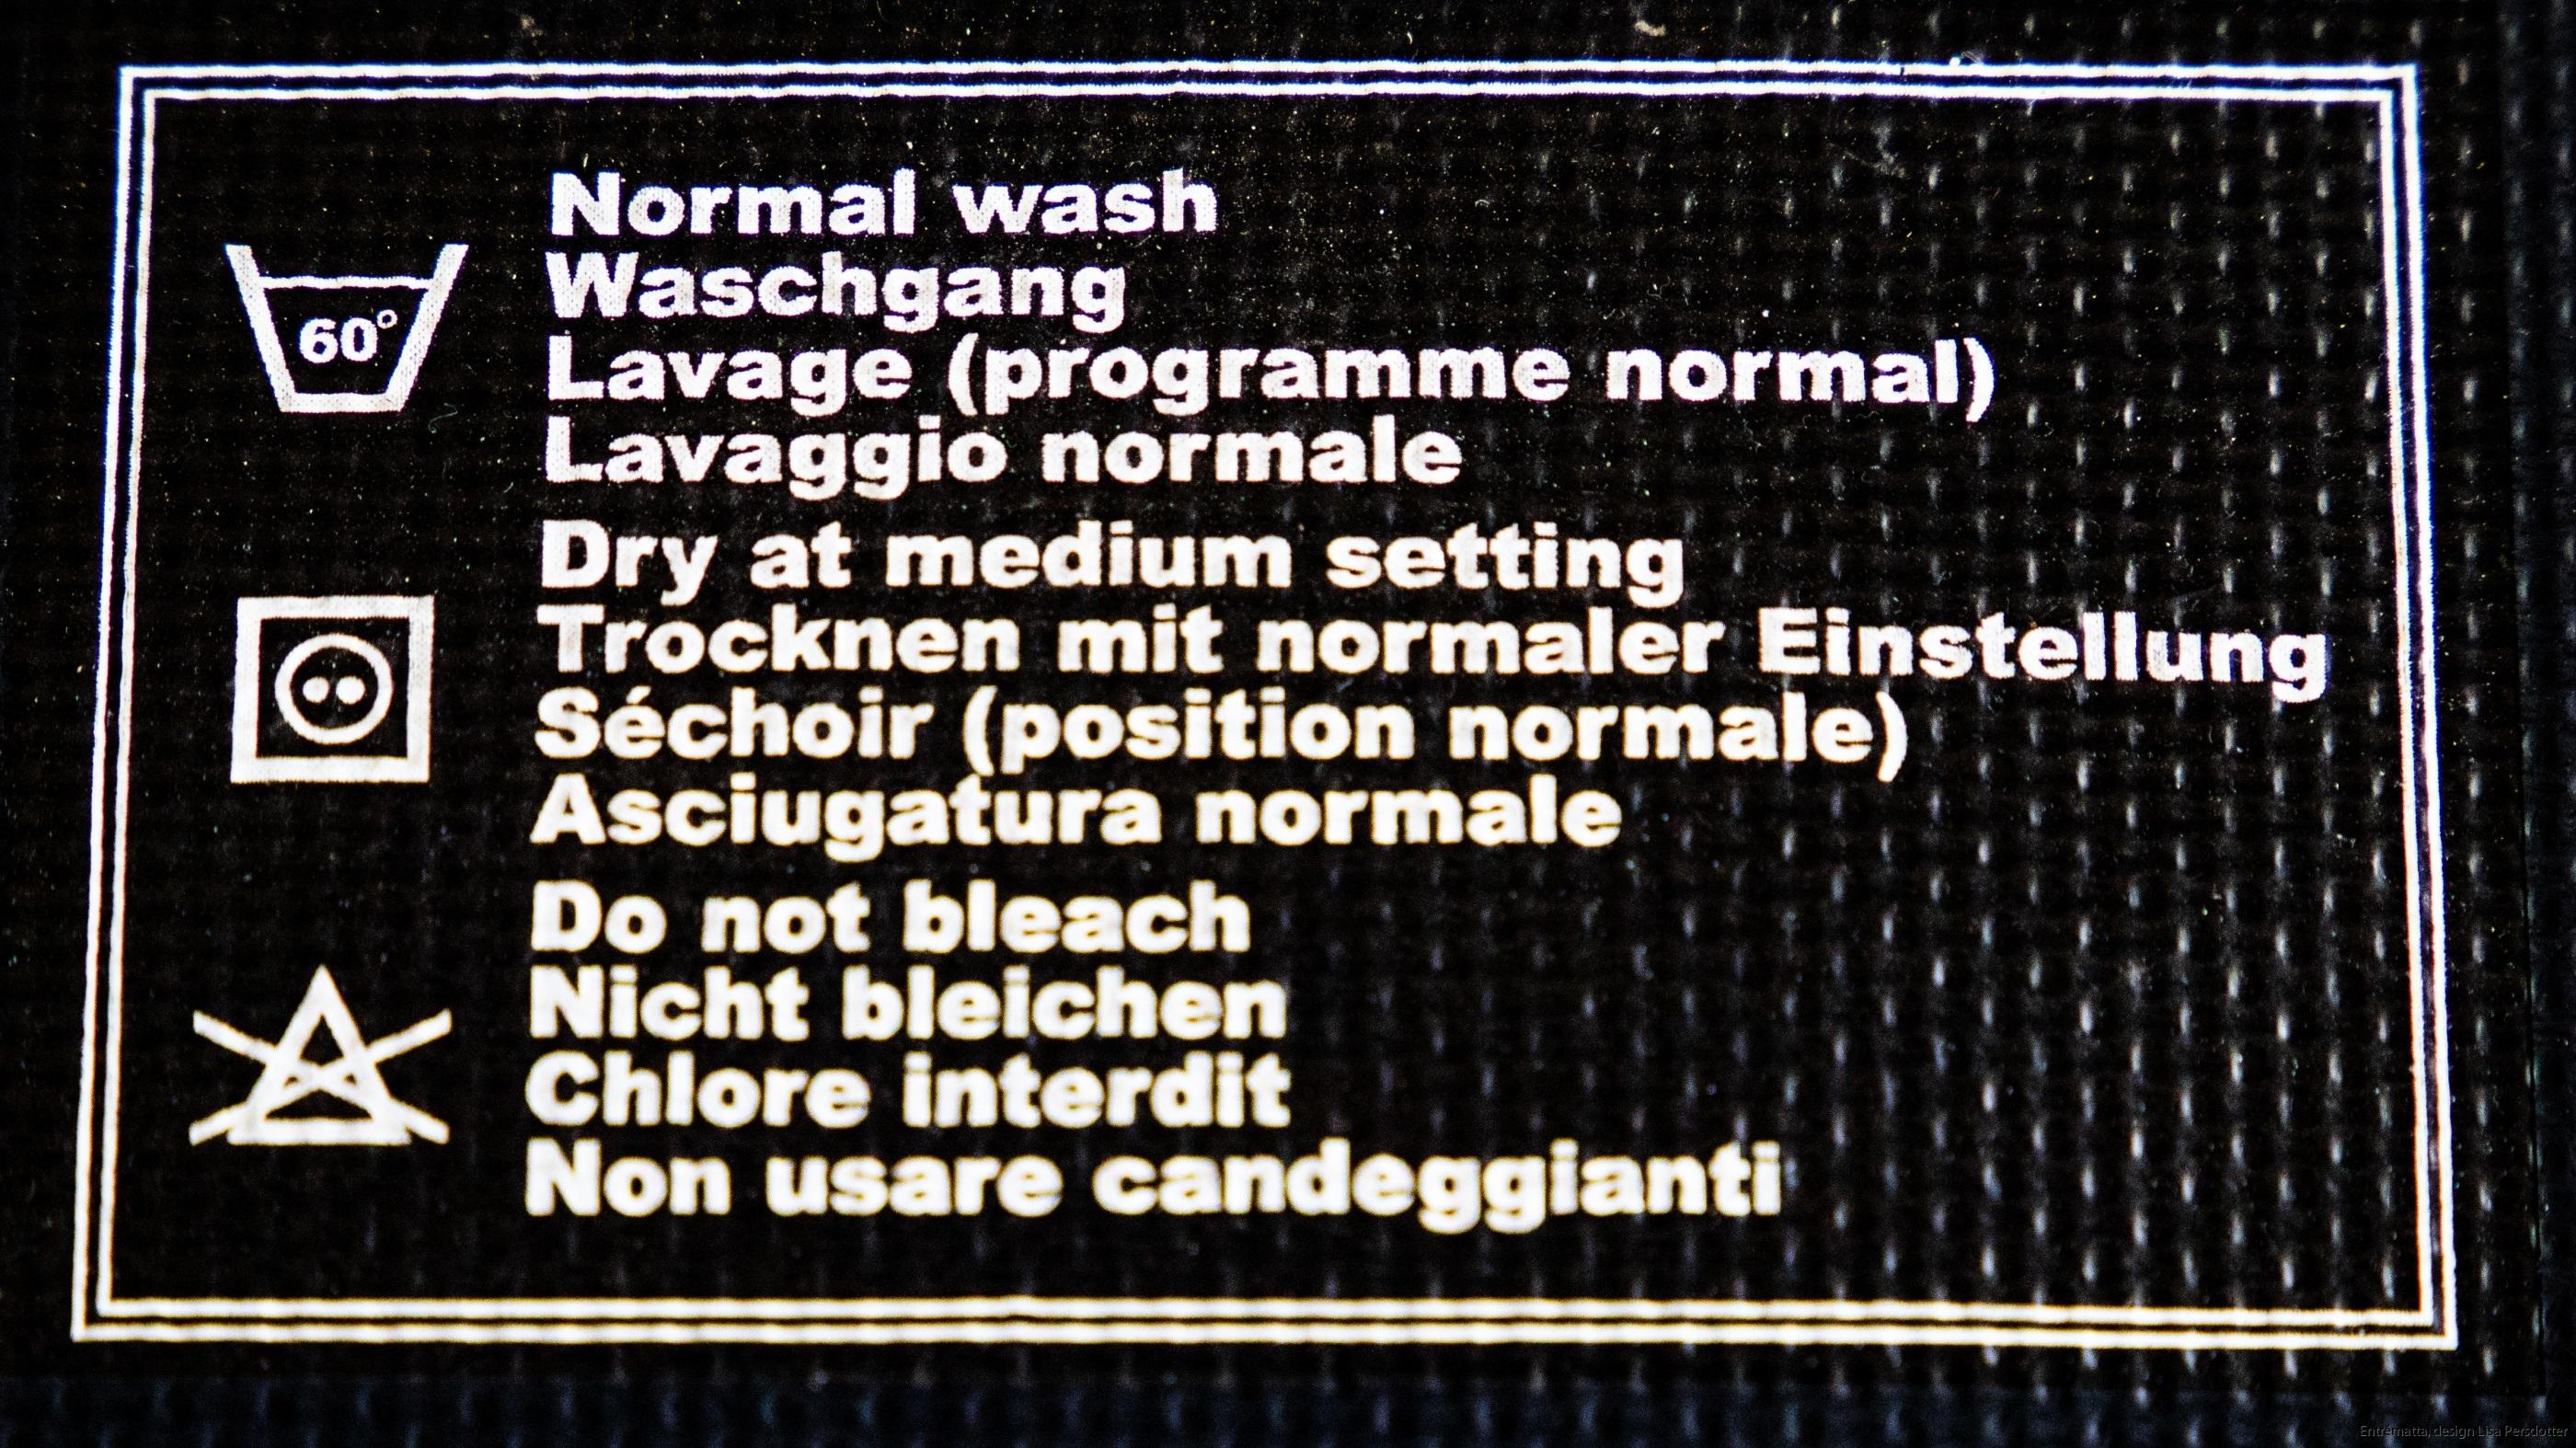 Hallmatta, design, tvätt 60 grader _